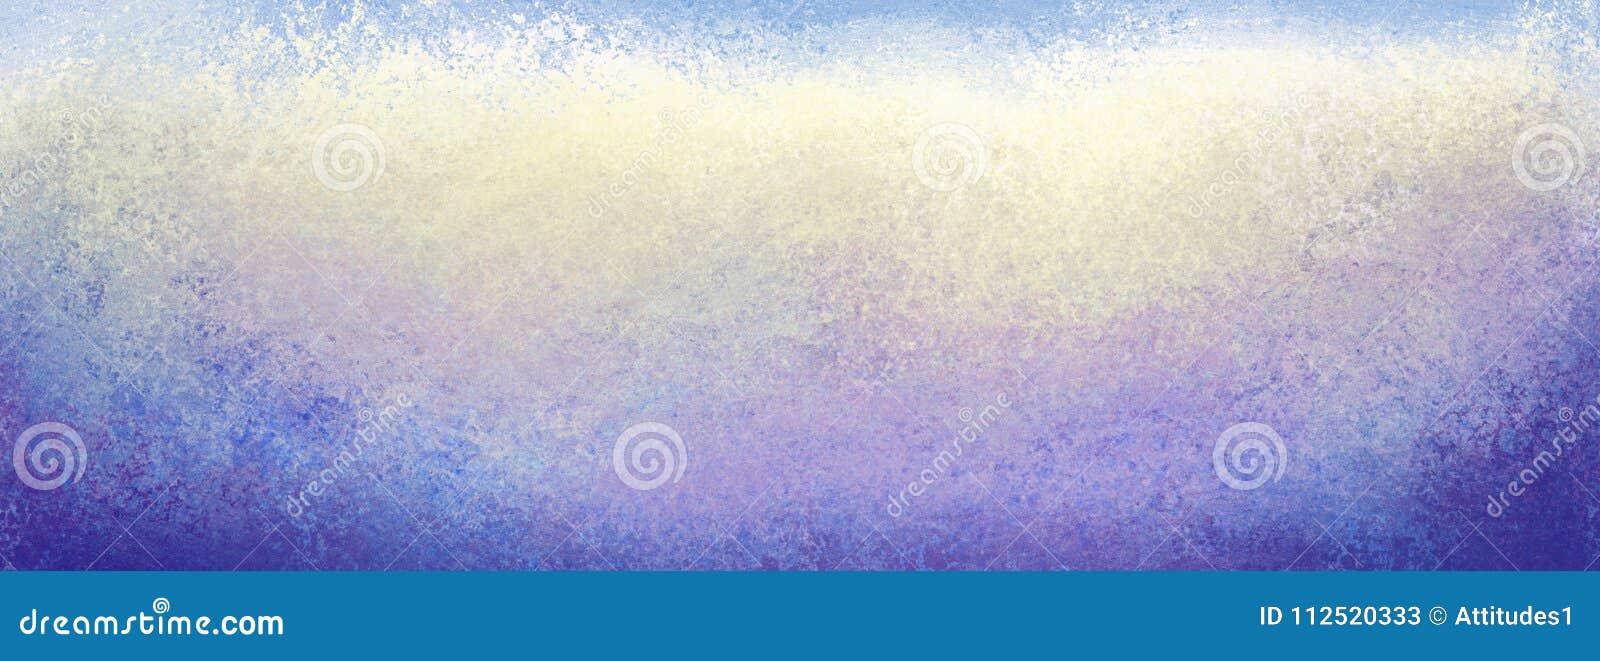 Фиолетовая Grunge голубая желтая белая и голубая предпосылка с сериями текстуры, темных границ и светлого центра